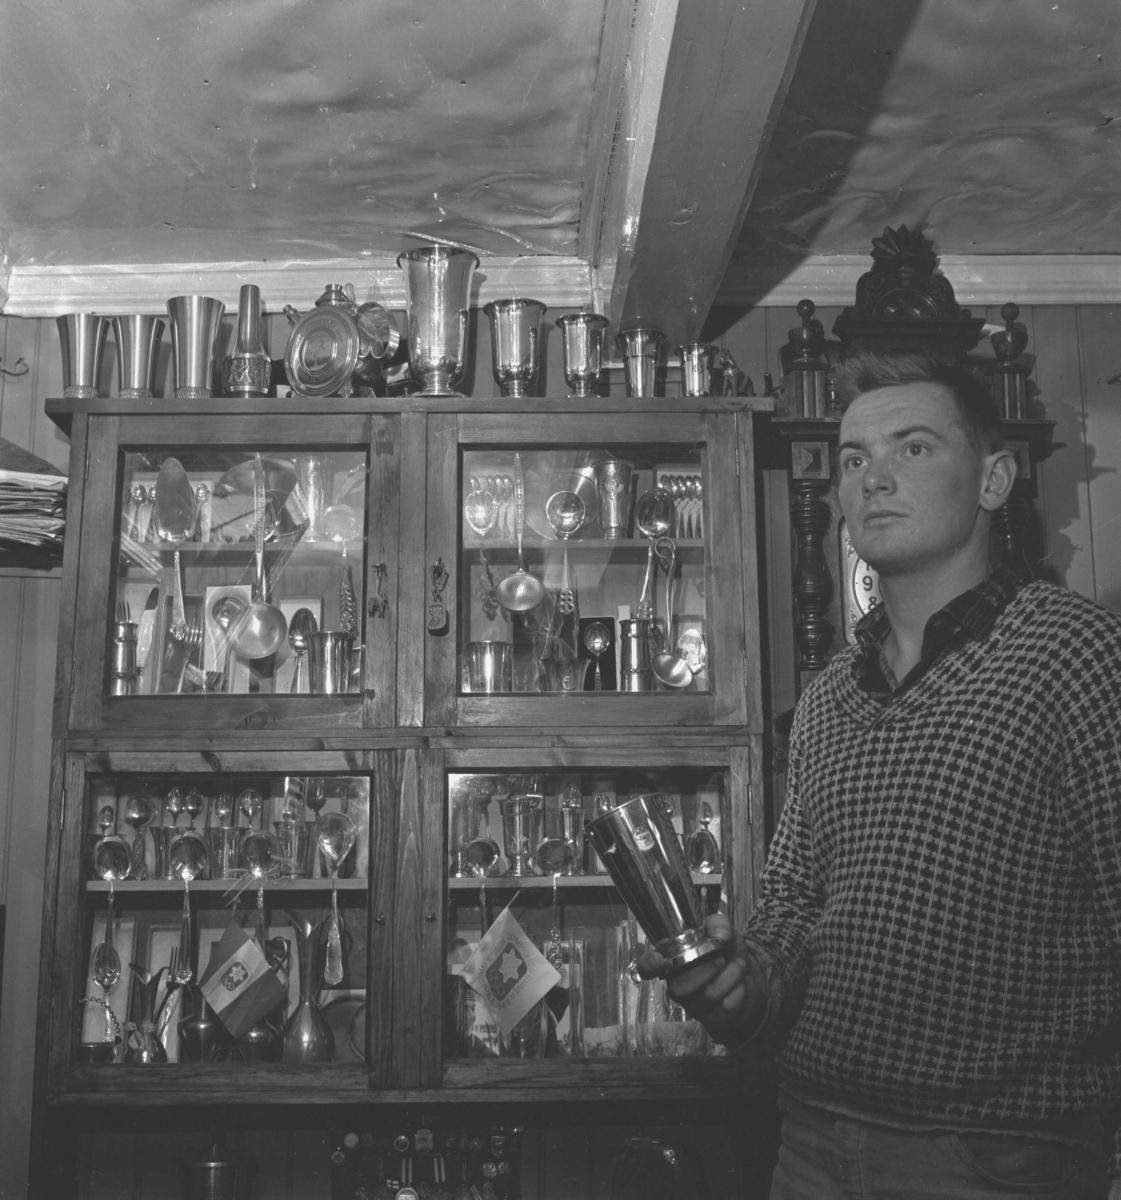 00.00: fortsetter å snakke om skigåing, skihopping, trening og konkurranser. 02.50: om konkurransene og resultatene i Tsjekkoslovakia, Finland og Holmenkollen. 09.50: konkurranse i Holmenkollen. 10.30: forsetter å snakke om forskjellige konkurranser, resultater og trening. 14.00: om fotballsparking. 15.45: konkurranser og trening i 1971. I 1971 var Kåre Olav i Australia og konkurrerte her. Han forteller om reiserute, oppholdet, konkurranser og plasseringer. Ble australsk mester i kombinert. 25.00: vintersesongen 1971, prøve OL i Sapporo. 28.00: vant NM på Rælingen i 1971, fortsetter å snakke om andre konkurranser dette året. 31.45: OL i Sapporo i 1972, forteller om OL, konkurranser og plasseringer dette året. Alt som er spilt inn mellom 34.30 og 50.40 har for lavt volum til å høre hva som blir sagt. 50.40: gode turløp etter at Kåre Olav la opp. 52.50: reflekter over ski og skigåing og gårdsdriften. 56.00: om fallet i Finland. 58.20: det verste skirennet, det var den første konkurransen i Australia.